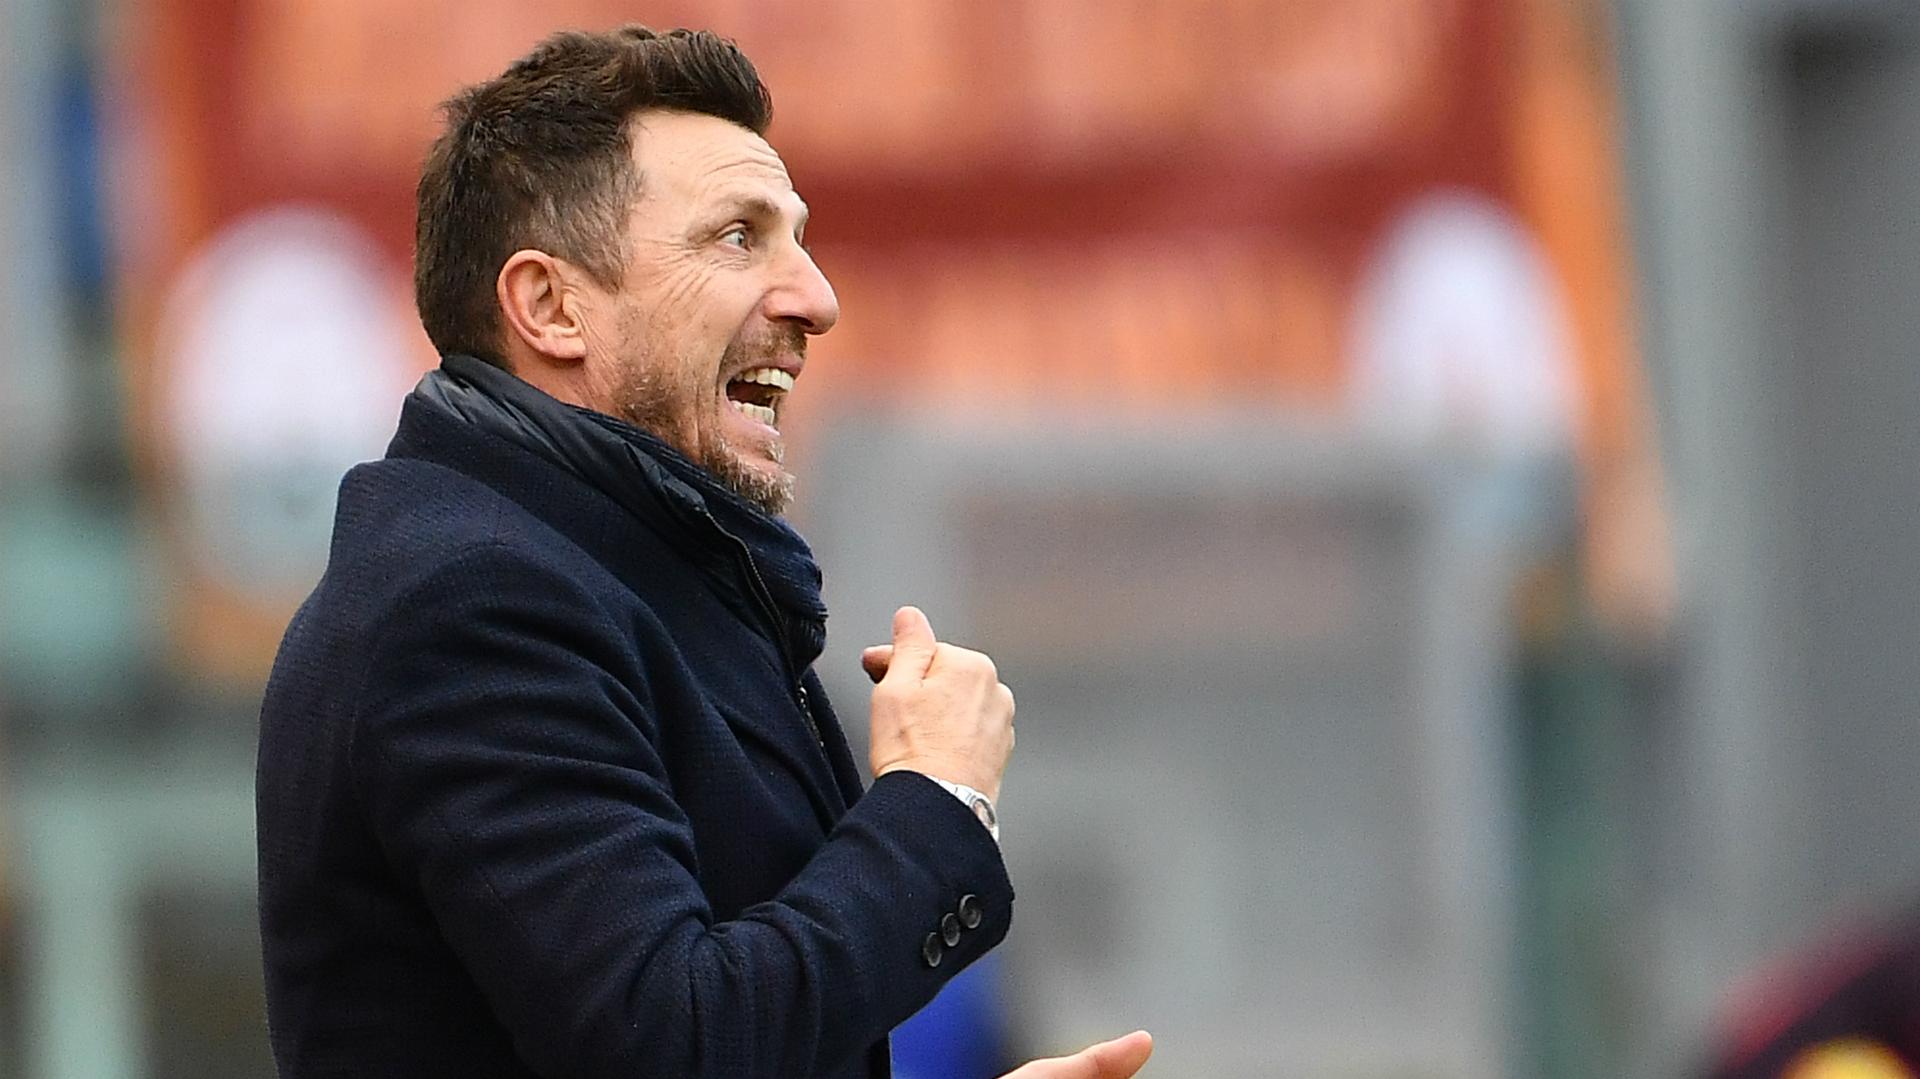 Calciomercato Cagliari, UFFICIALE: c'è la firma del nuovo allenatore!